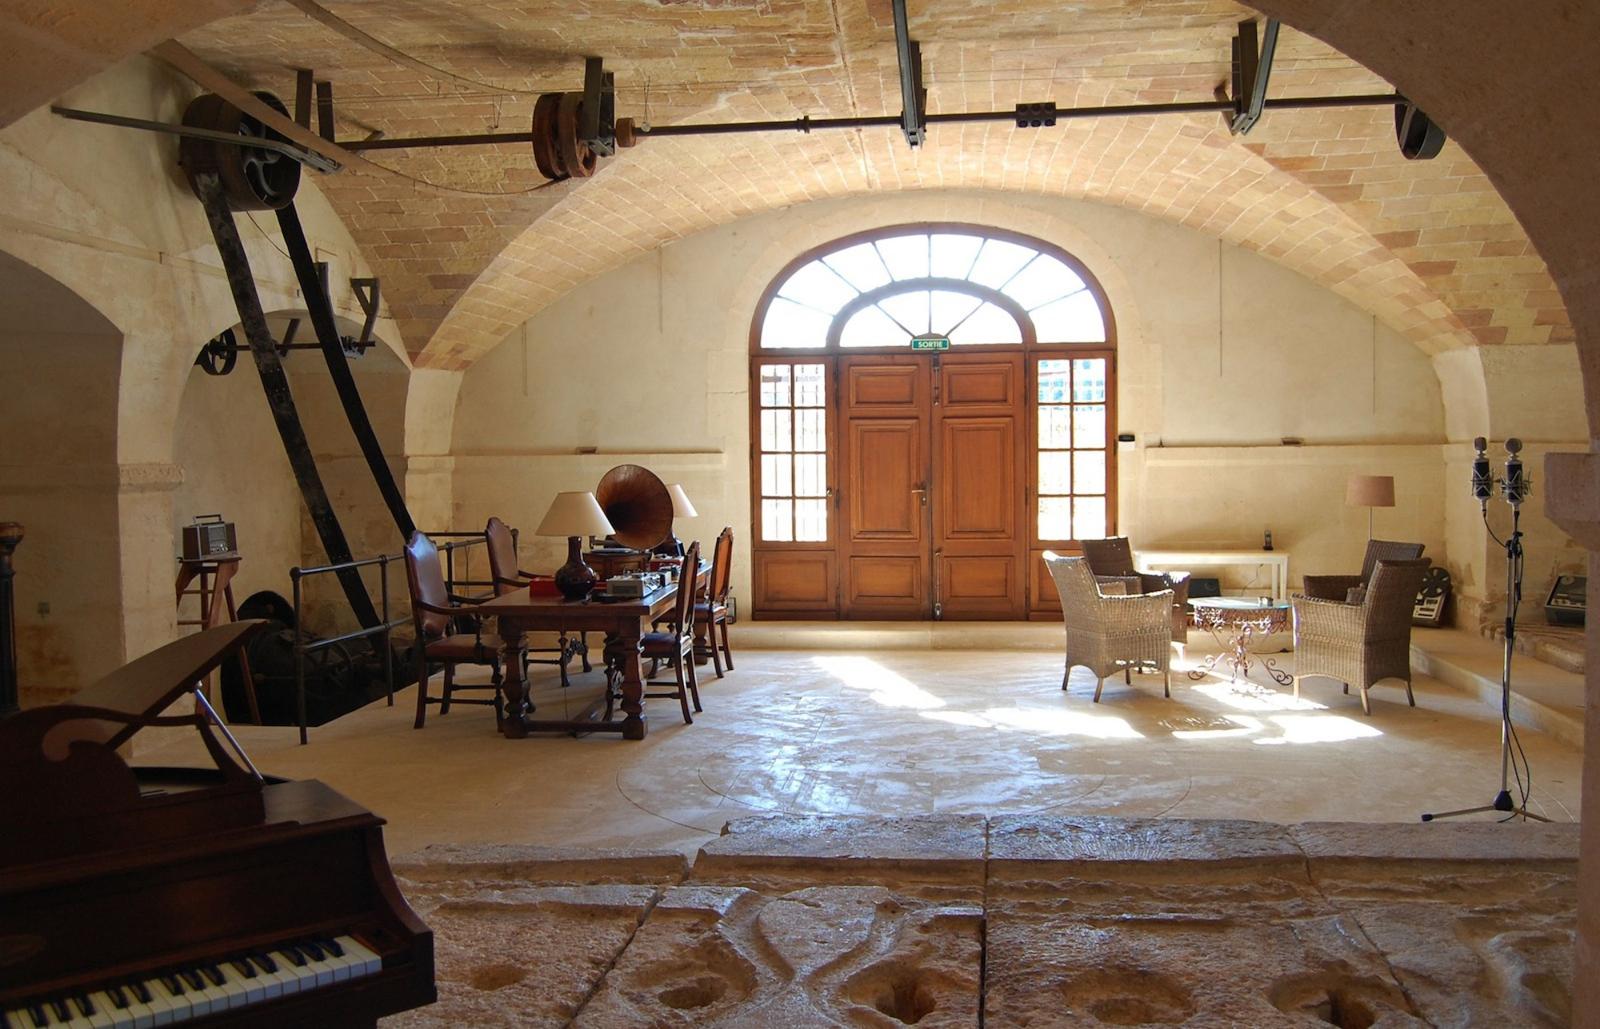 La Fabrique studio interior. Courtesy of the studio